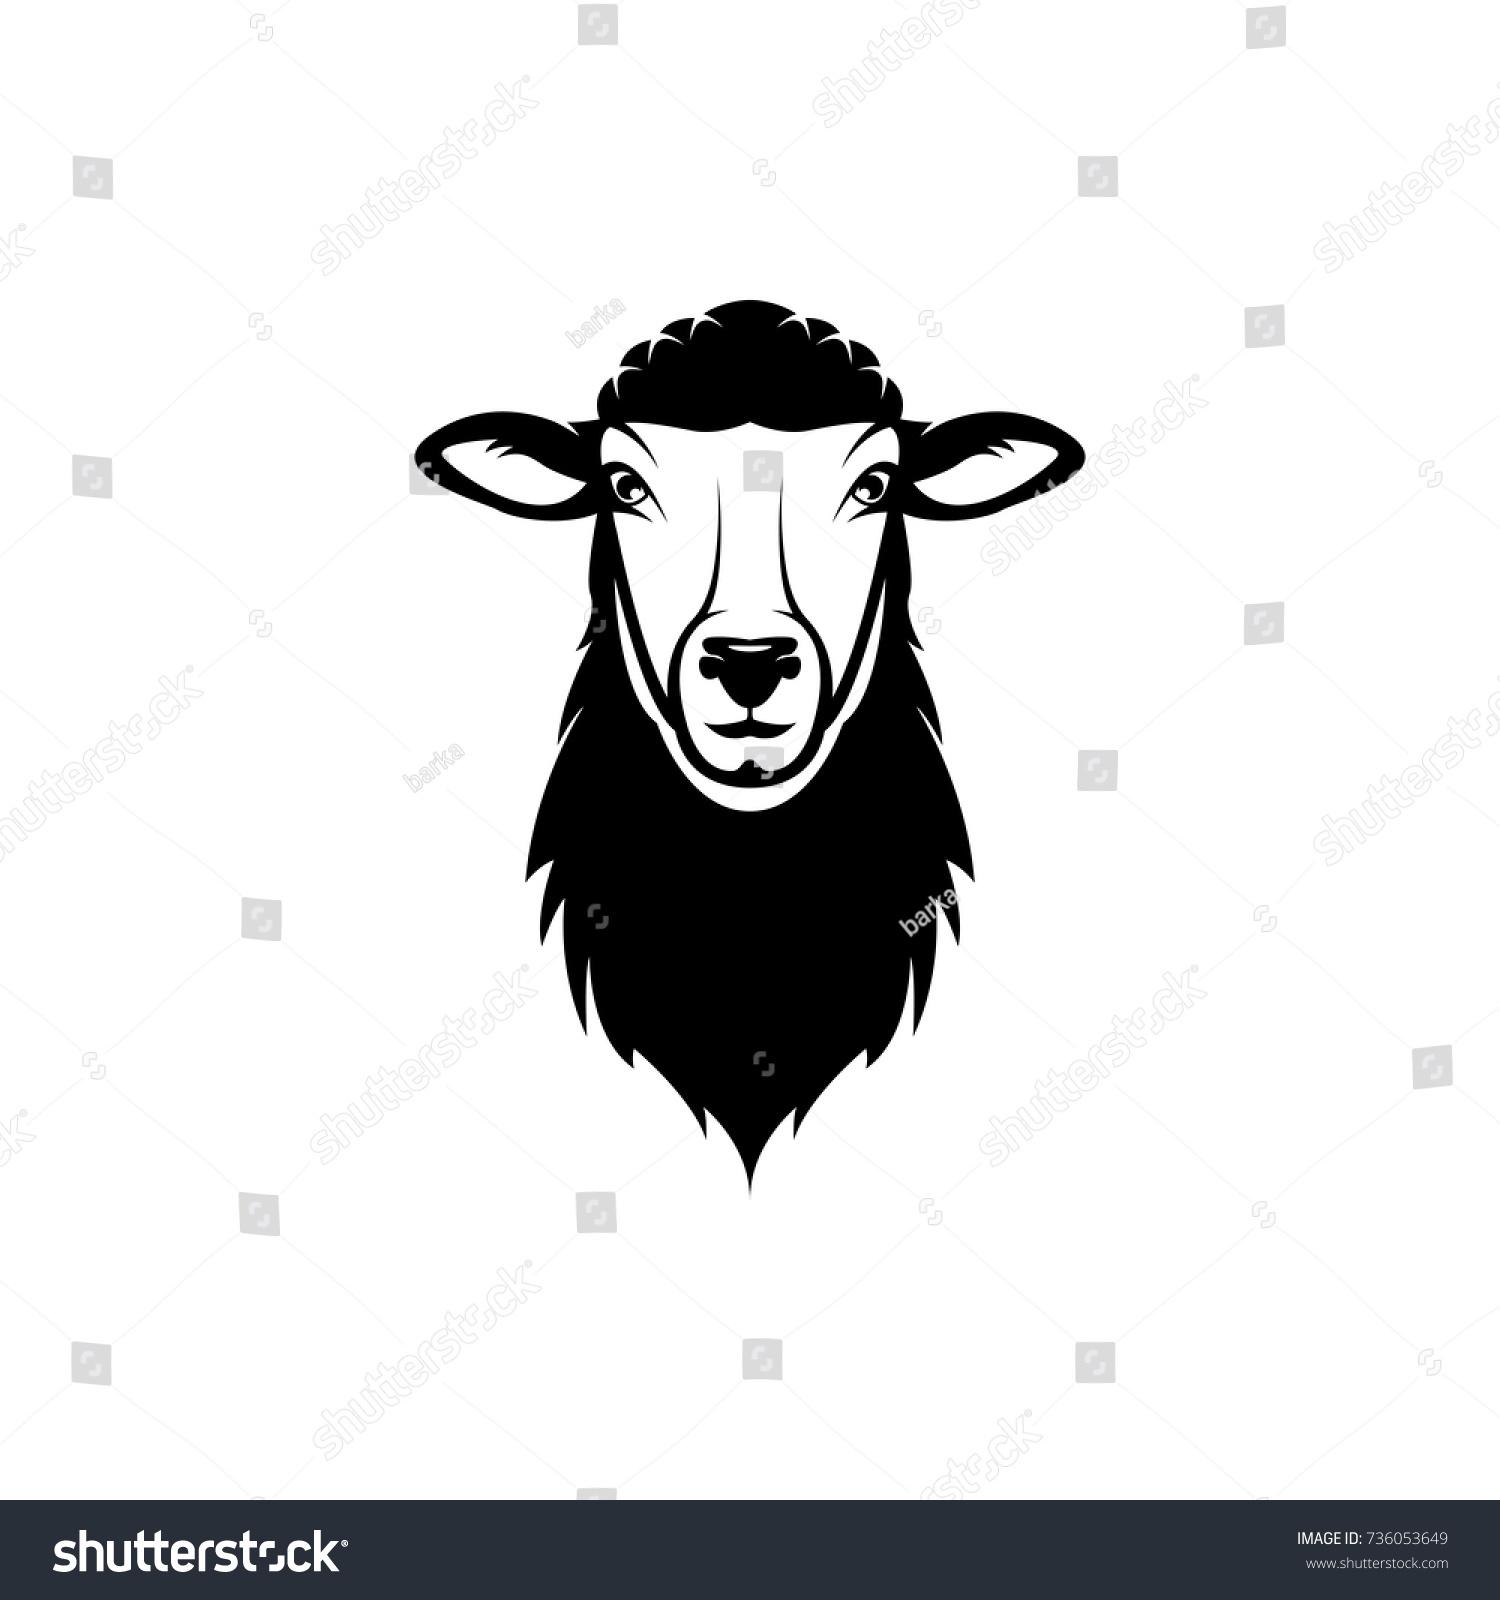 Vector Sheep Head Face Retro Logos Stock Vector HD (Royalty Free ...